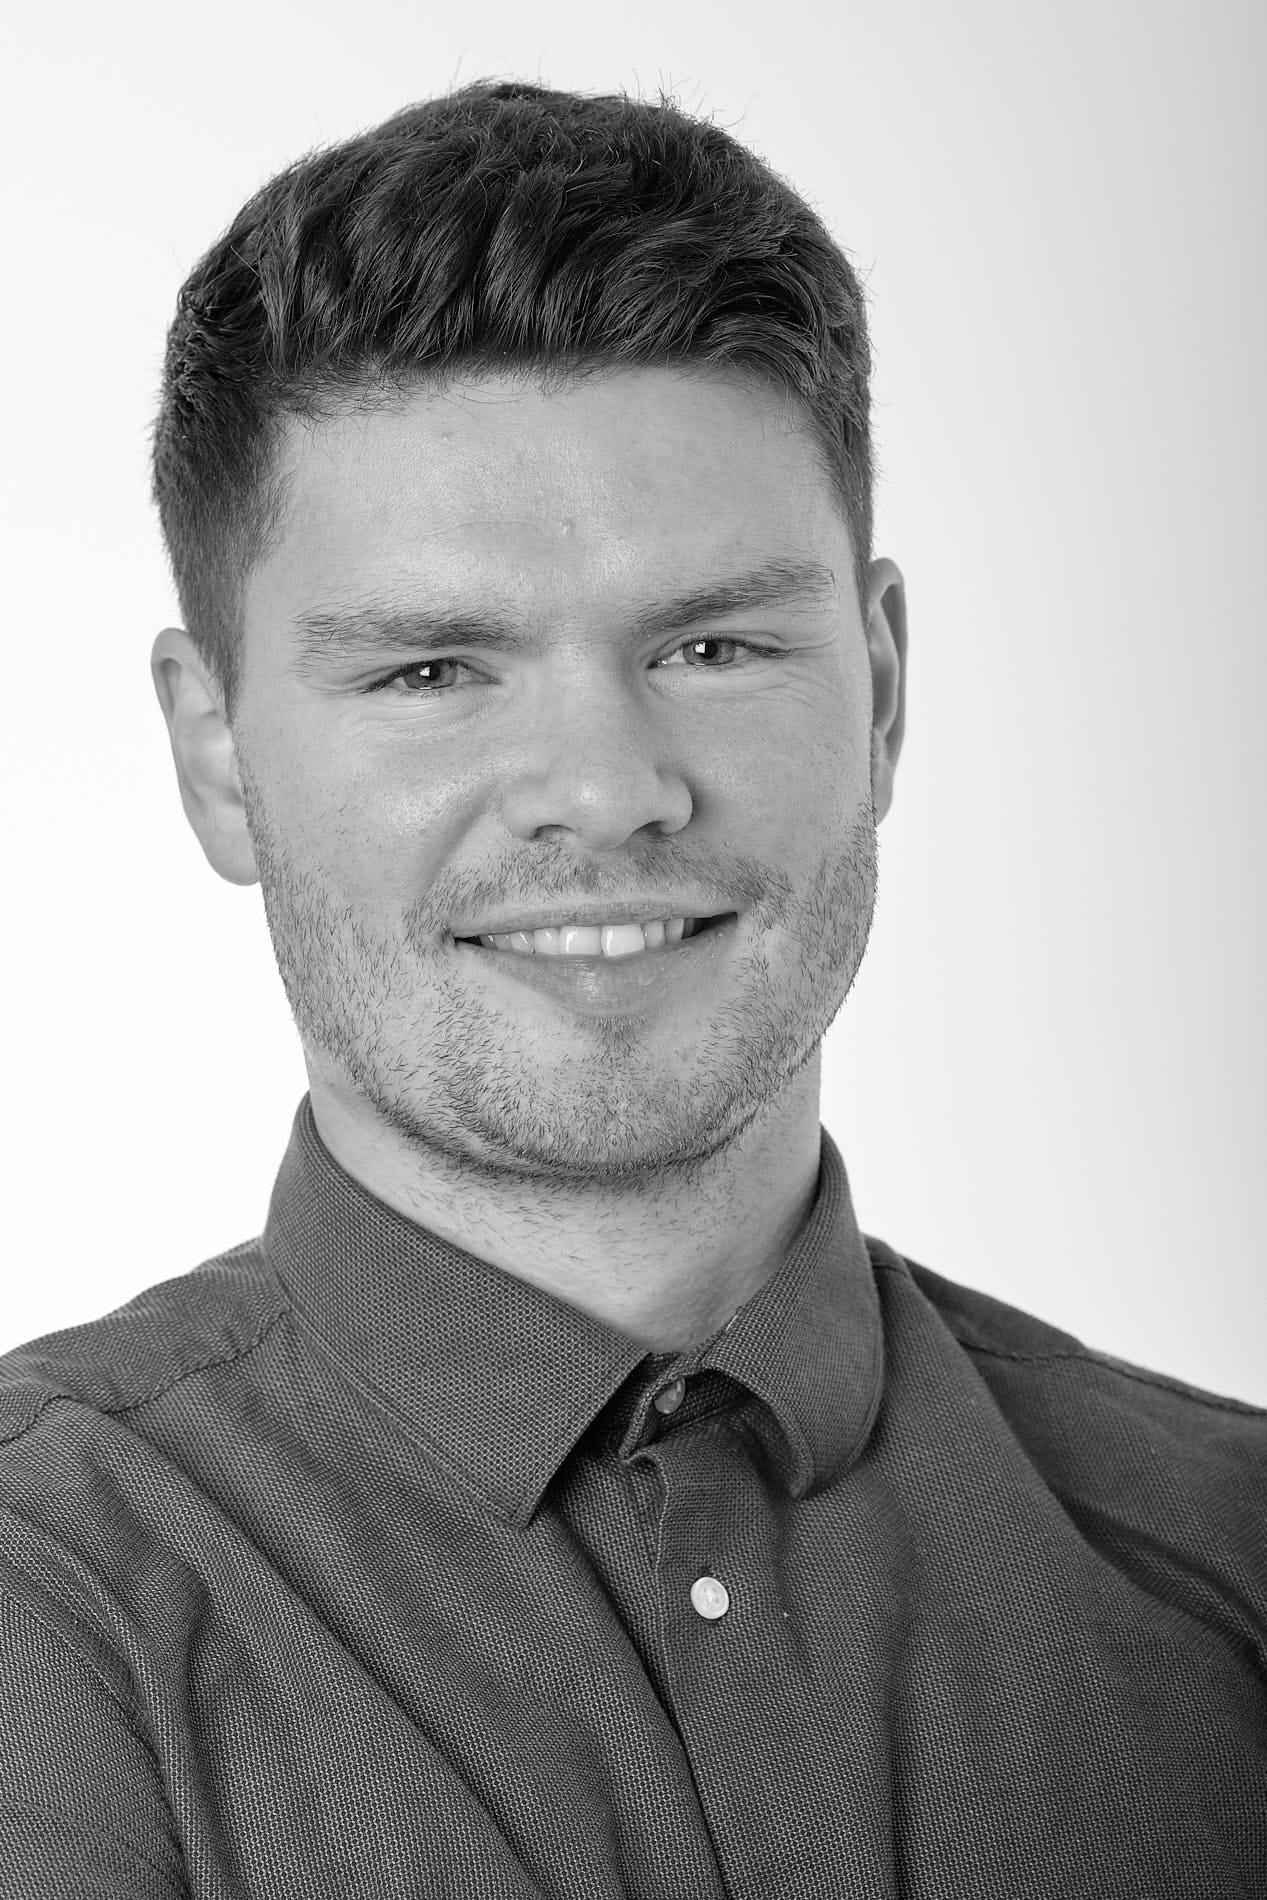 Jón Gunnar Sæmundsson